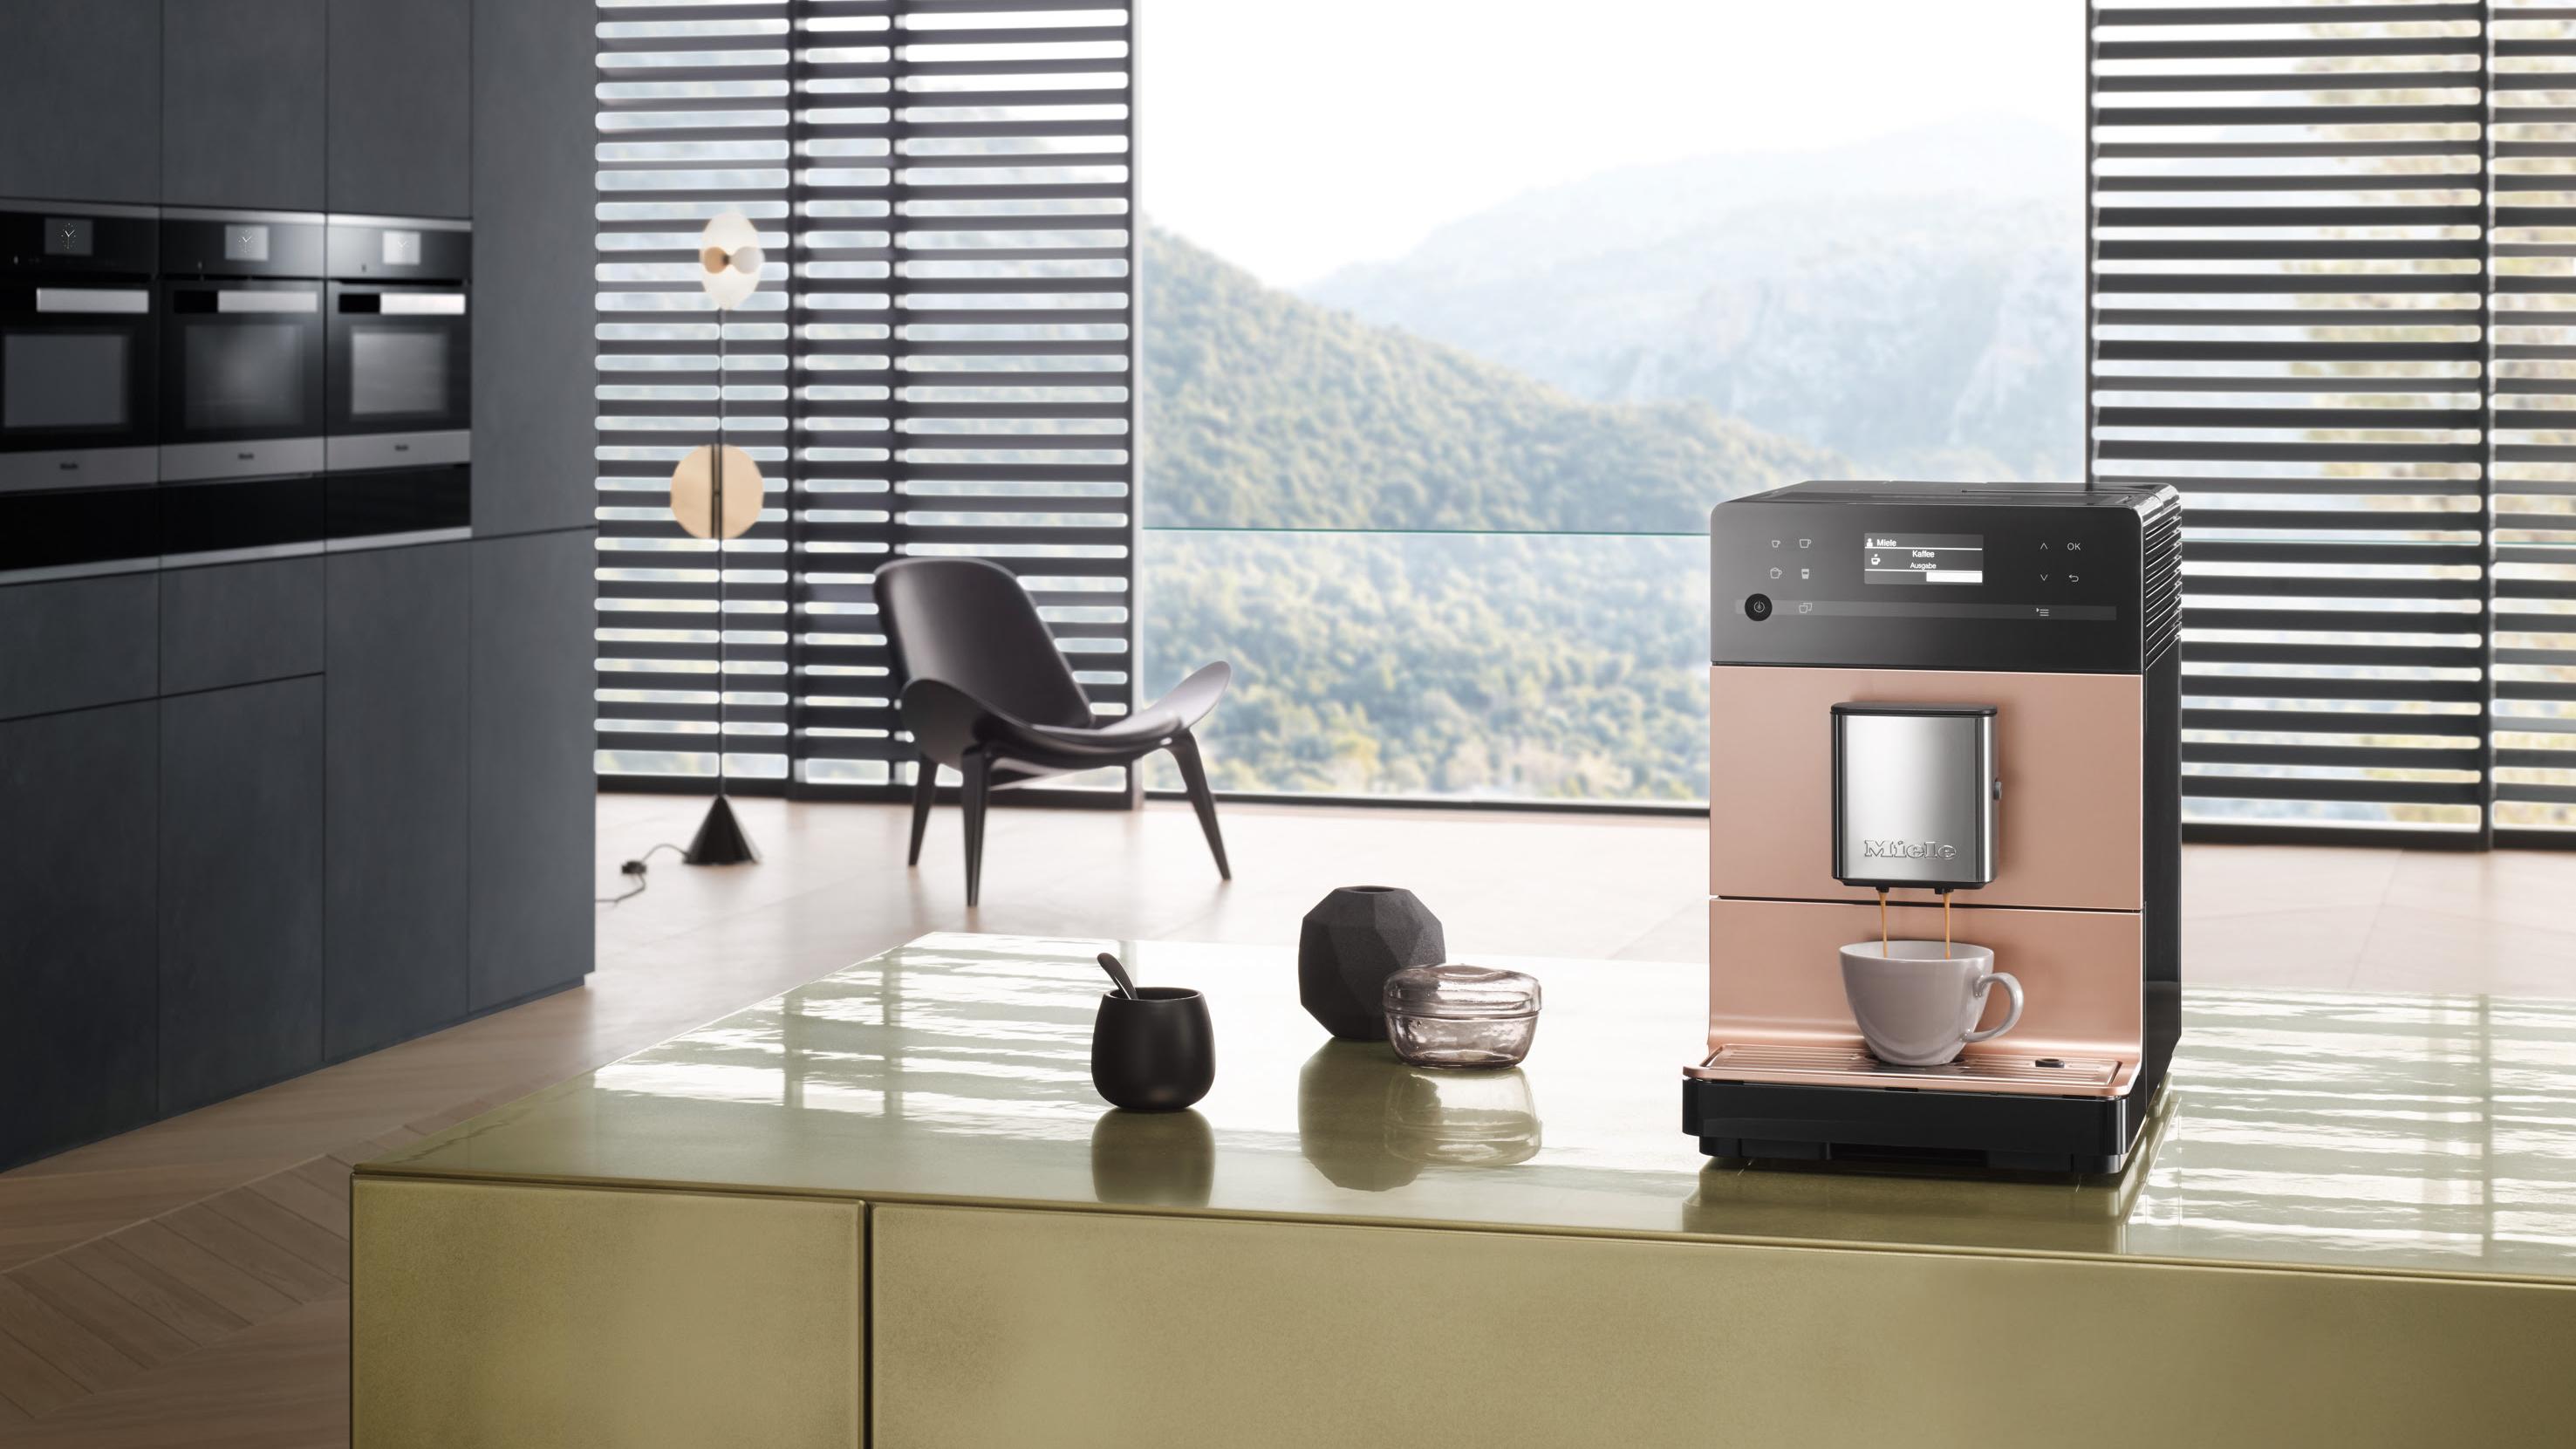 Nouvelles Machines Caf Pose Libre Miele Cm5